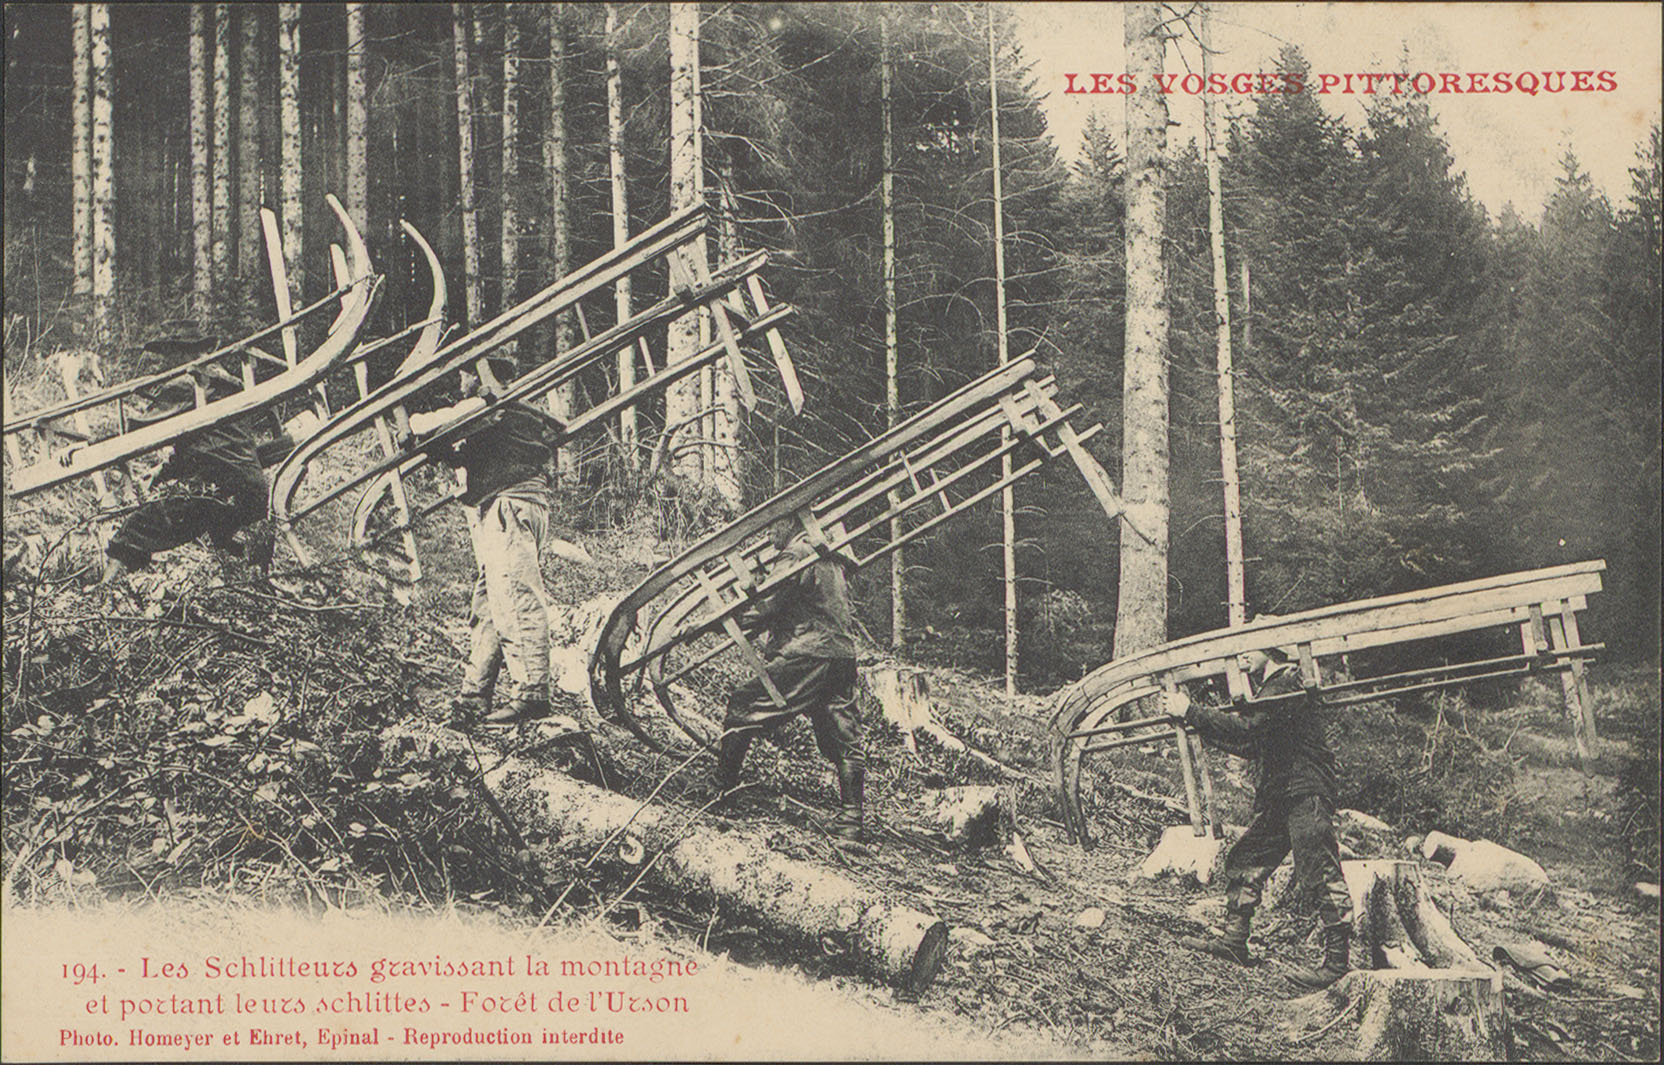 Contenu du Les Schlitteurs gravissant la montagne et portant leurs schlittes, Forêt de l'Urson